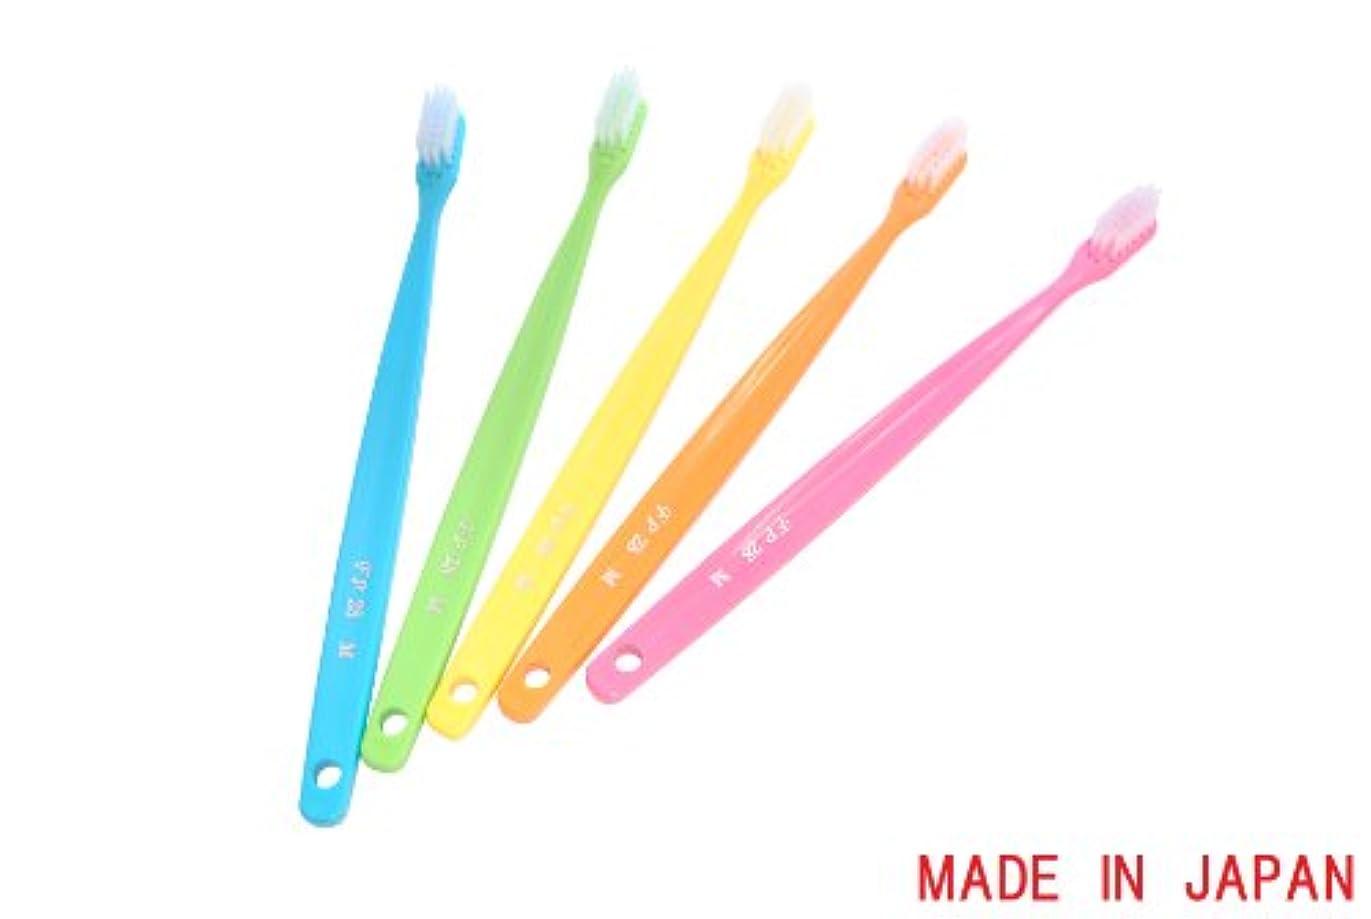 第トランクもつれ【日本製】 20本入り(5色各4本) 歯科医院向歯ブラシ FP28-M(ふつう)